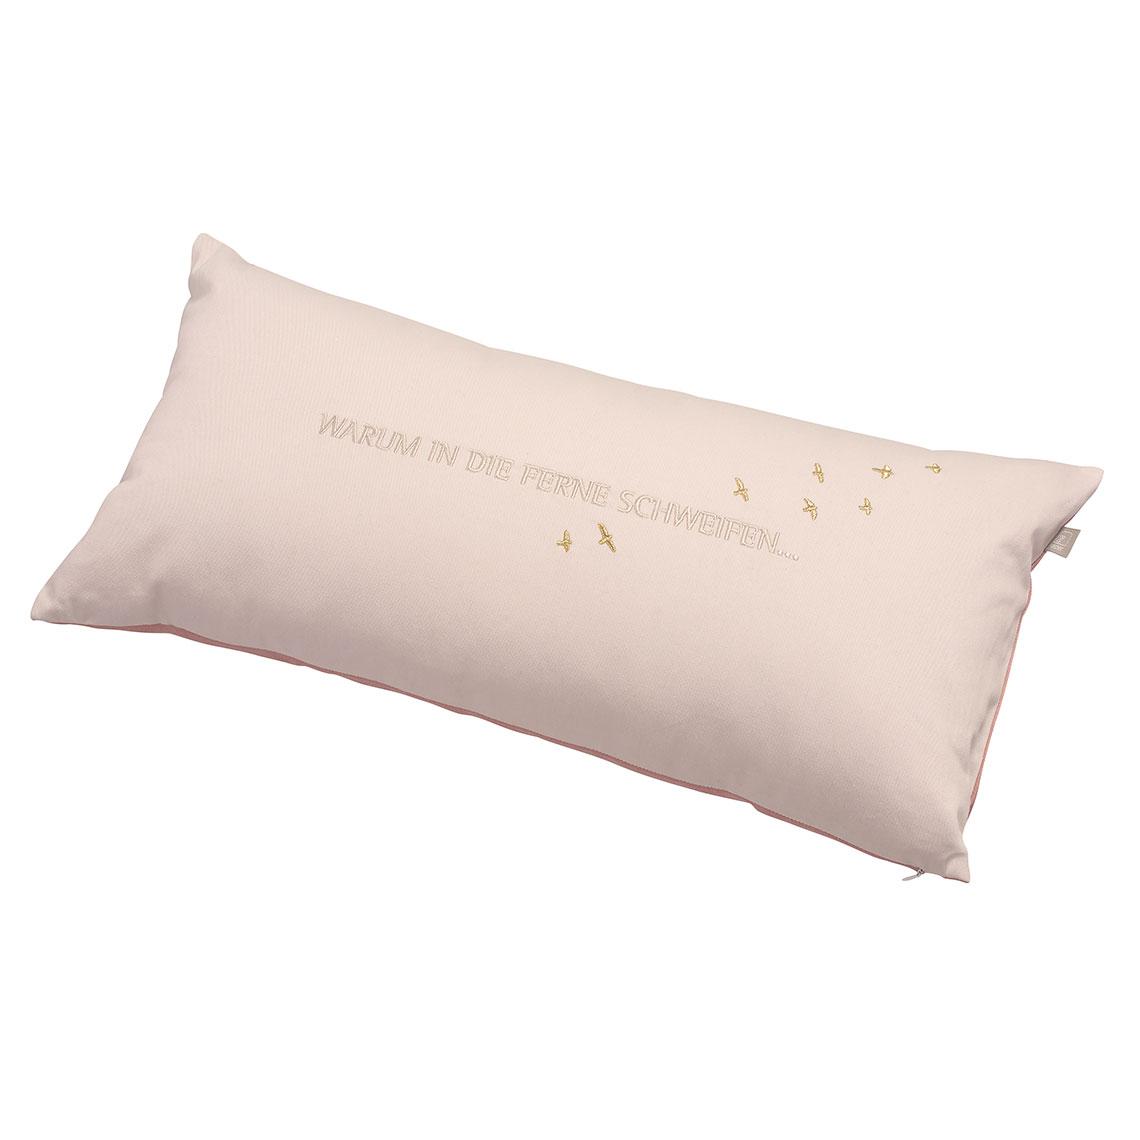 r der online shop kissen warum in die ferne schweifen online kaufen. Black Bedroom Furniture Sets. Home Design Ideas